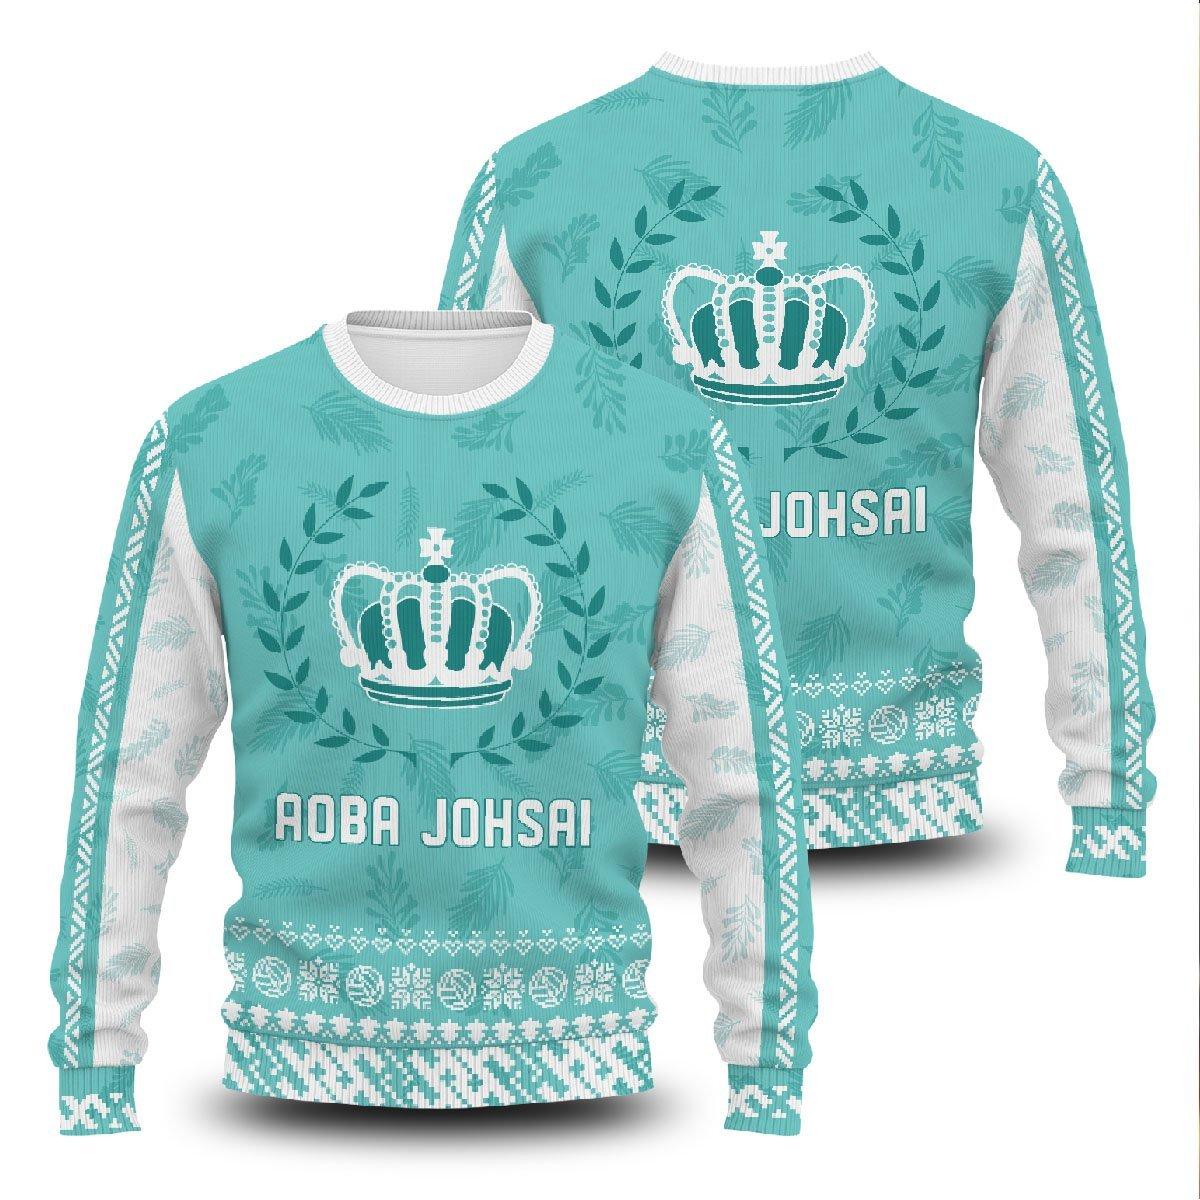 Aoba Johsai Jersey Christmas Unisex Wool Sweater FDM0310 S Official Otaku Treat Merch